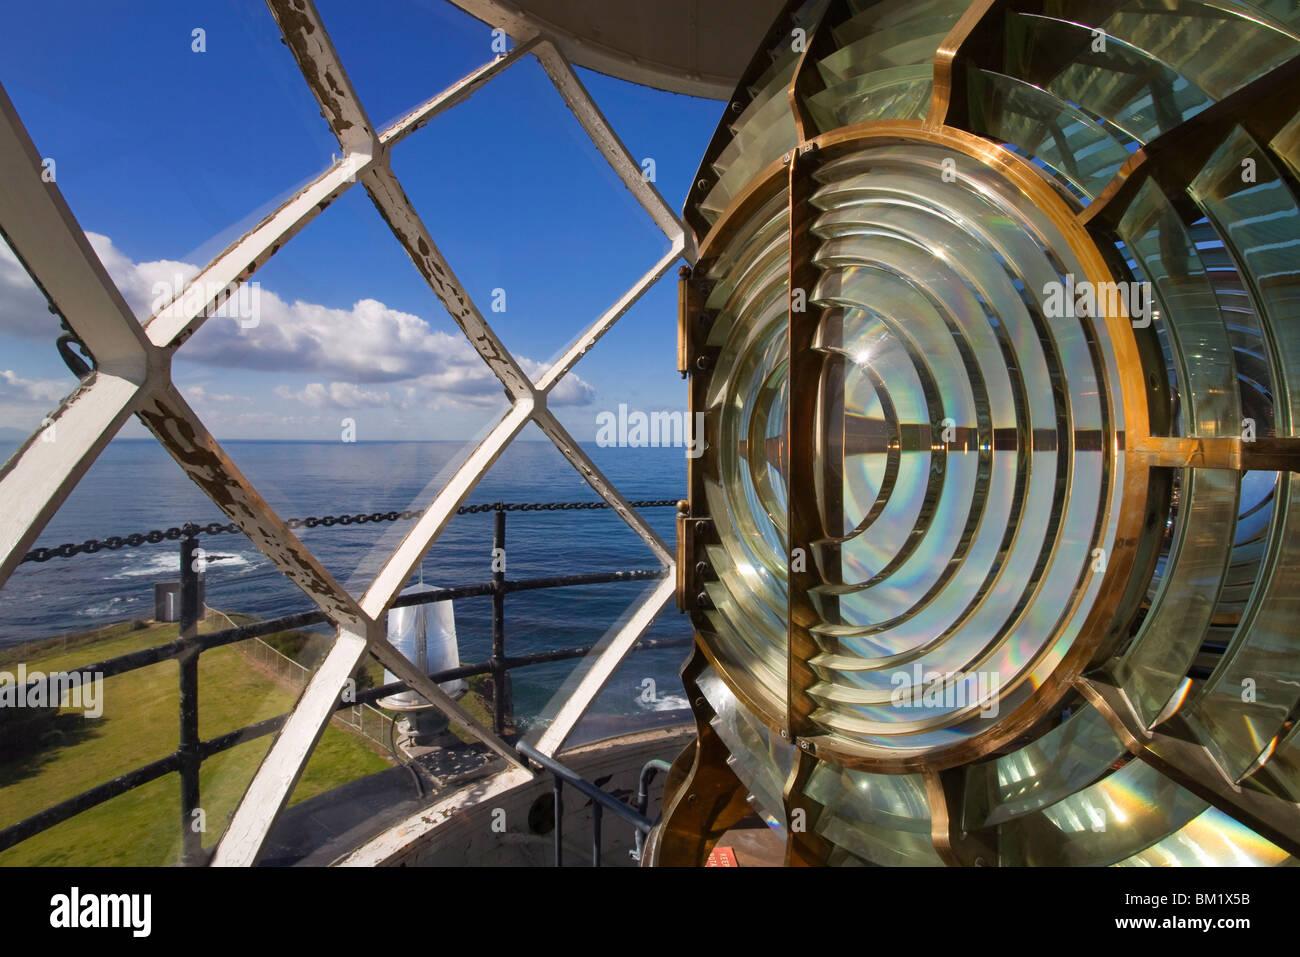 Zeigen Sie Vincente Leuchtturm Objektiv, Palos Verdes Peninsula, Los Angeles, California, Vereinigte Staaten von Stockbild